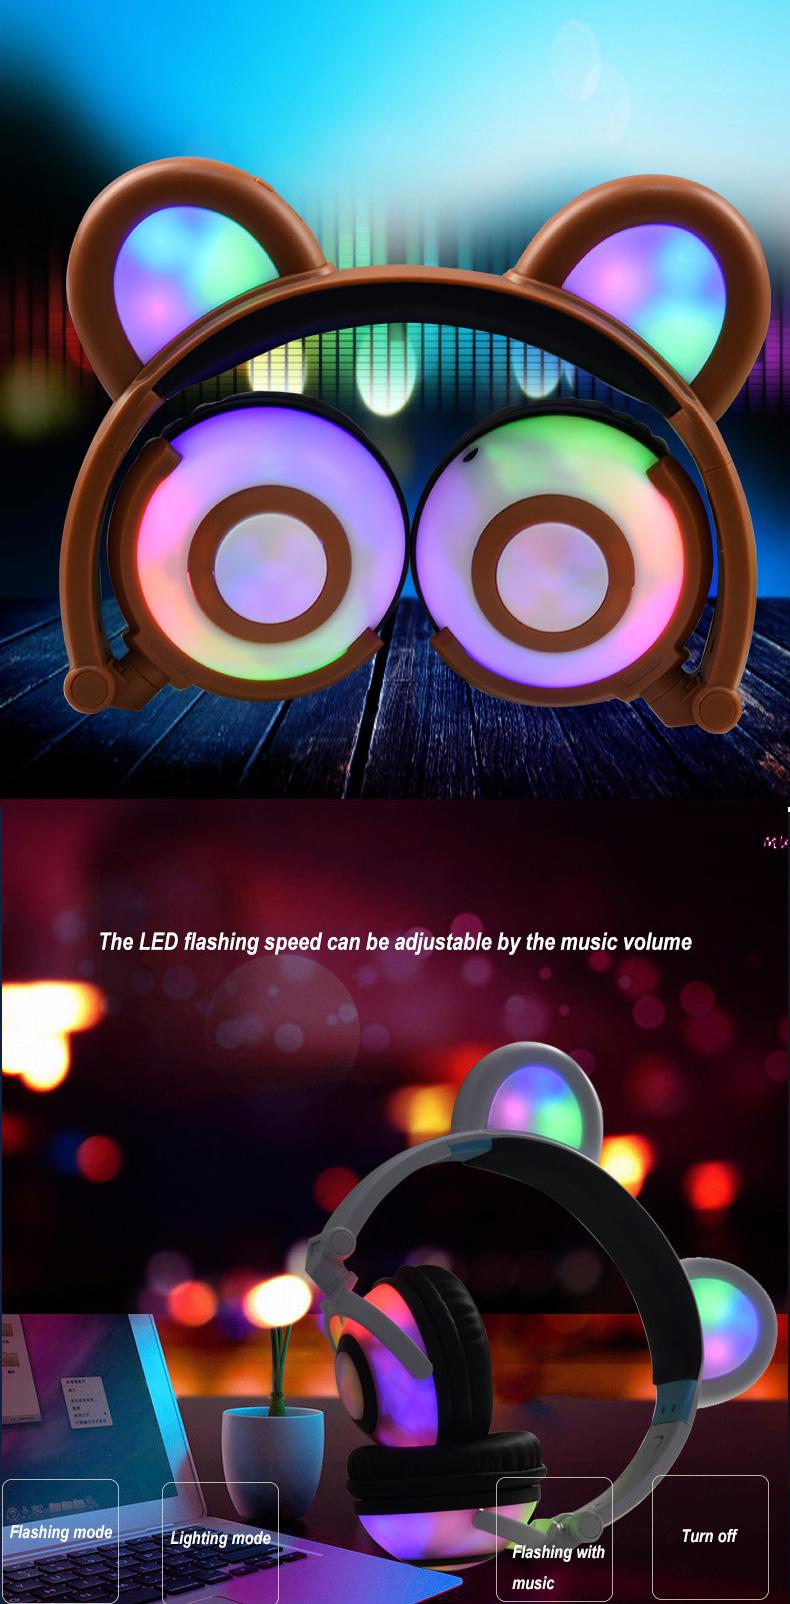 led flashing headphones